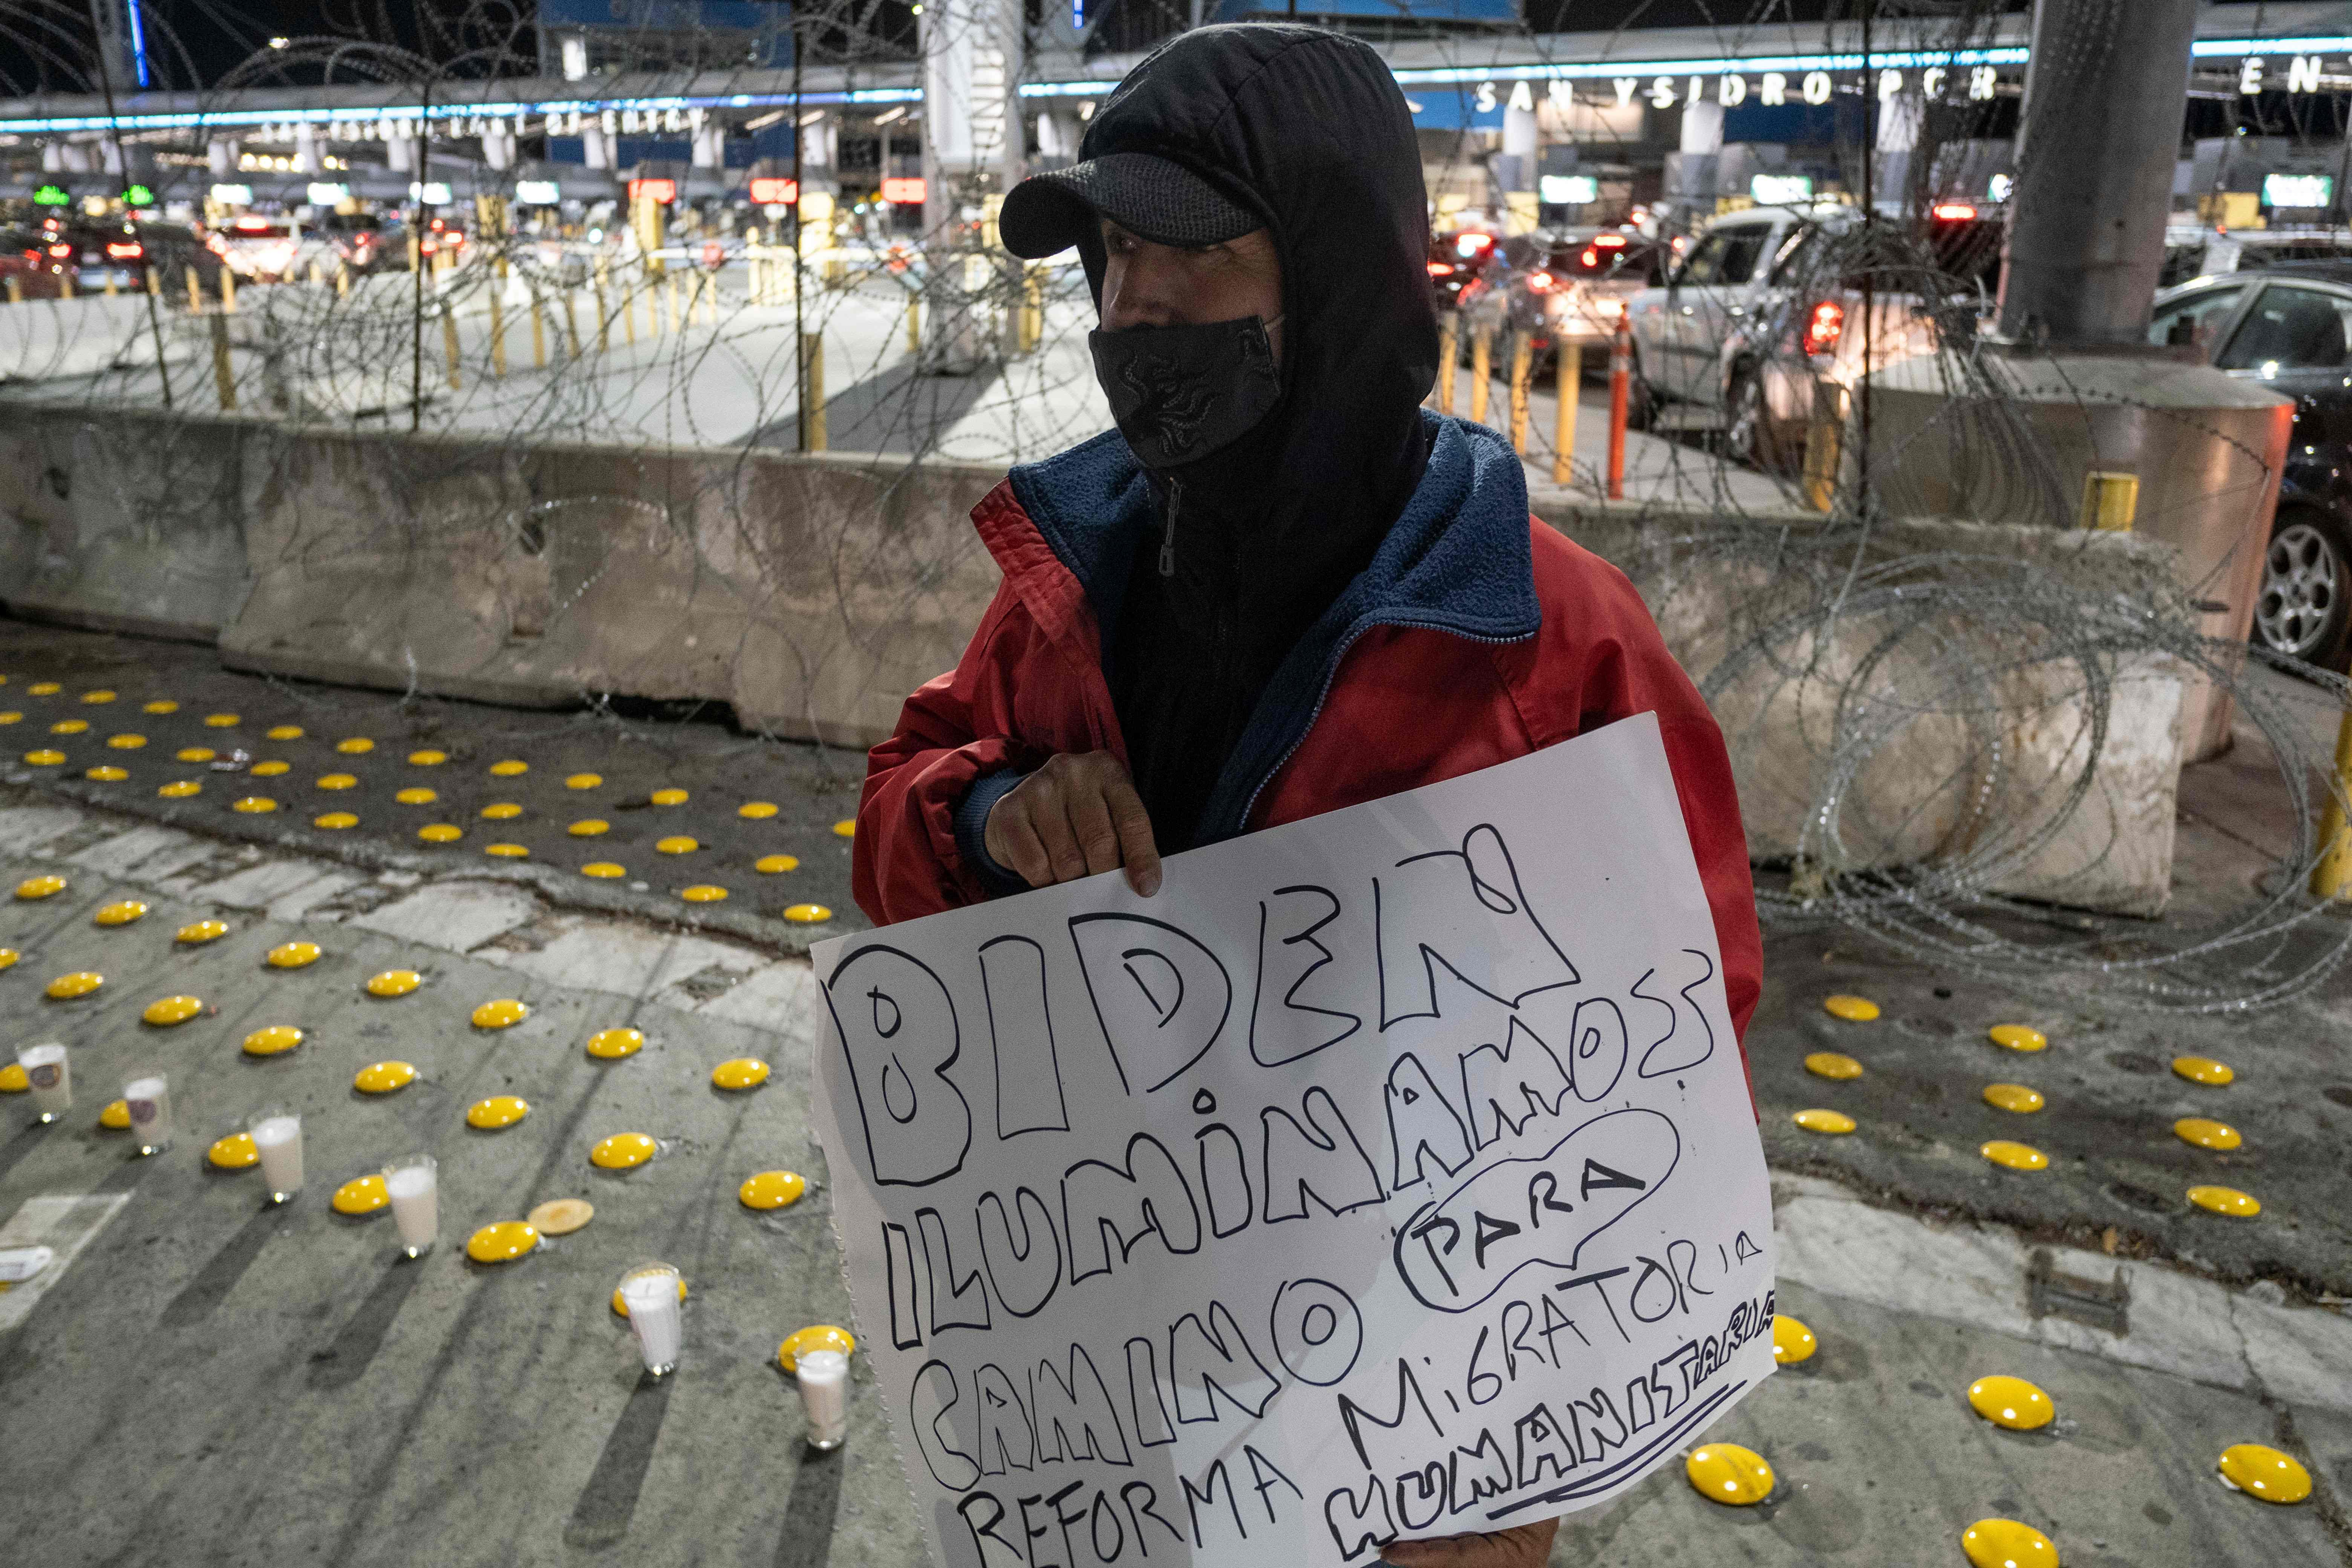 """Un migrante sostiene un cartel que dice """"Biden: ilumine el camino para una reforma migratoria humana"""", como se manifiestan defensores y migrantes en el puerto de cruce de San Ysidro durante una vigilia llamada """"Camino hacia una reforma migratoria humana"""", en Tijuana, estado de Baja California, México el 19 de enero de 2021,"""